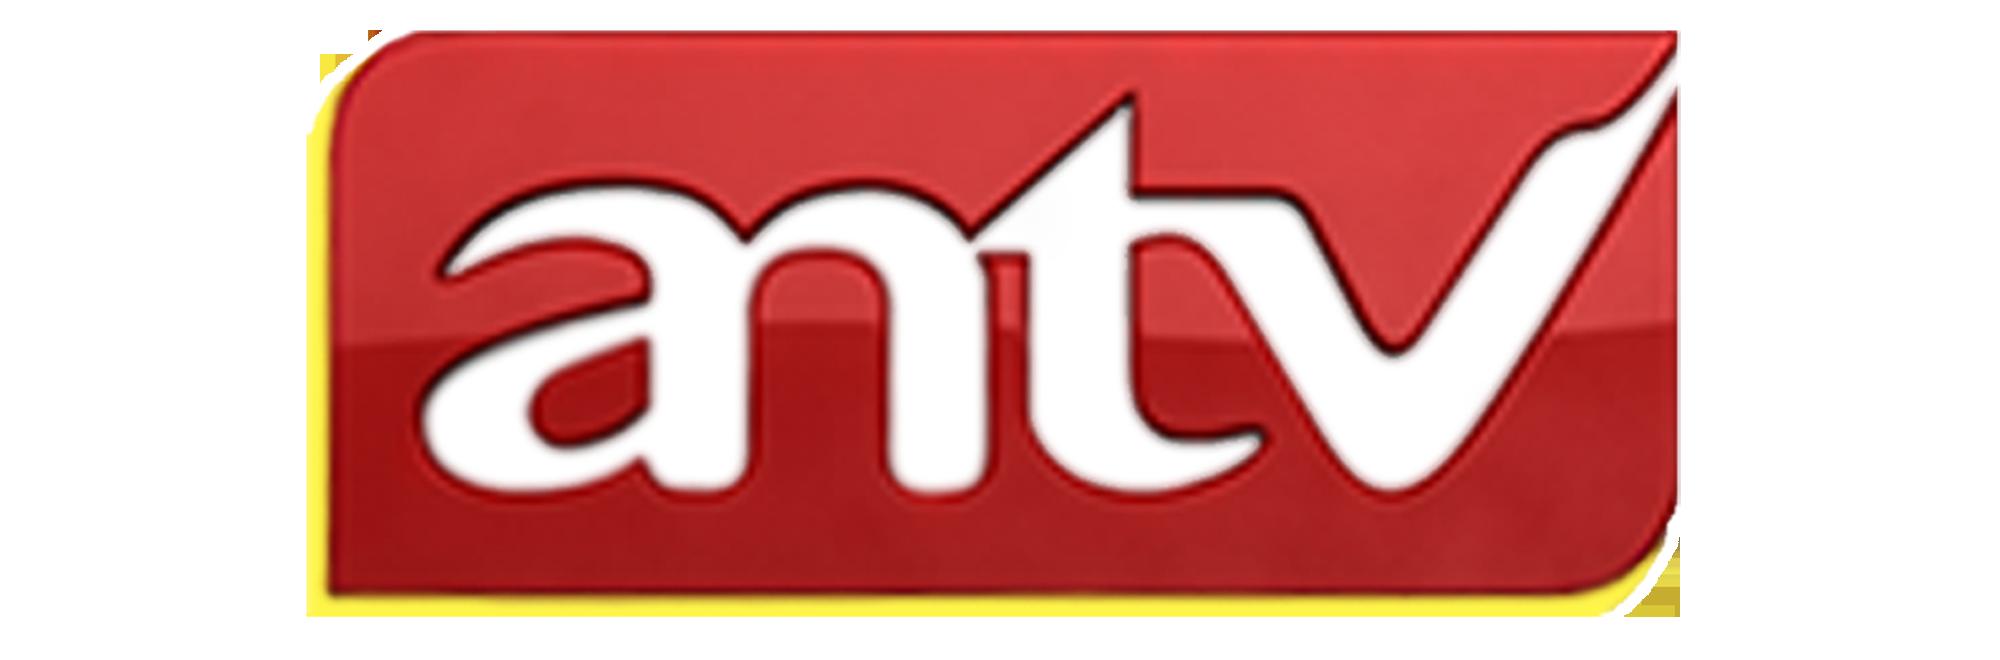 tv online streaming antv